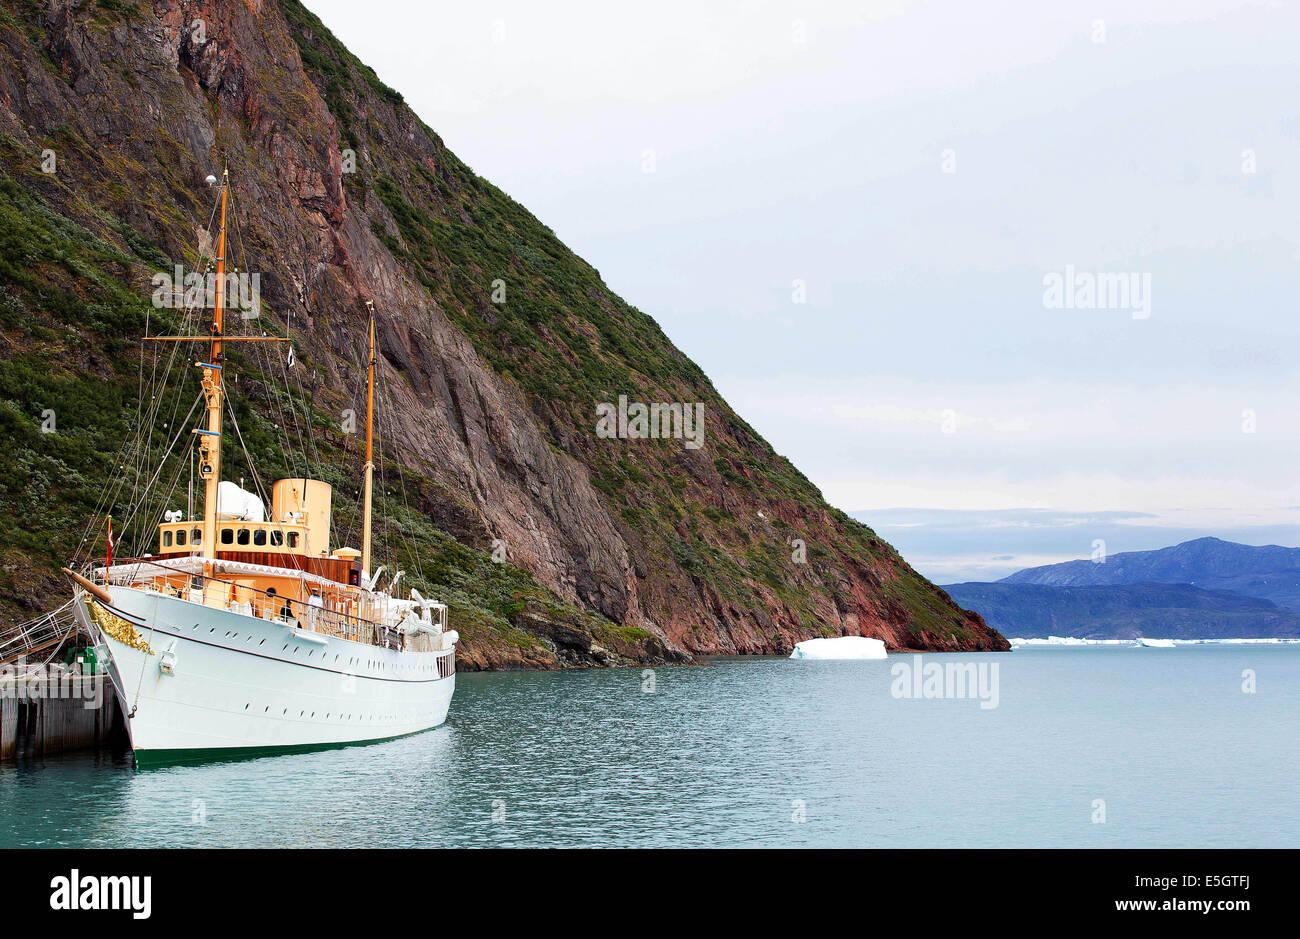 Narsarsuaq, Greenland. 30th July, 2014. The Danish Royal Yacht Dannebrog in the Tunulliarfik fjord of Narsarsuaq, - Stock Image